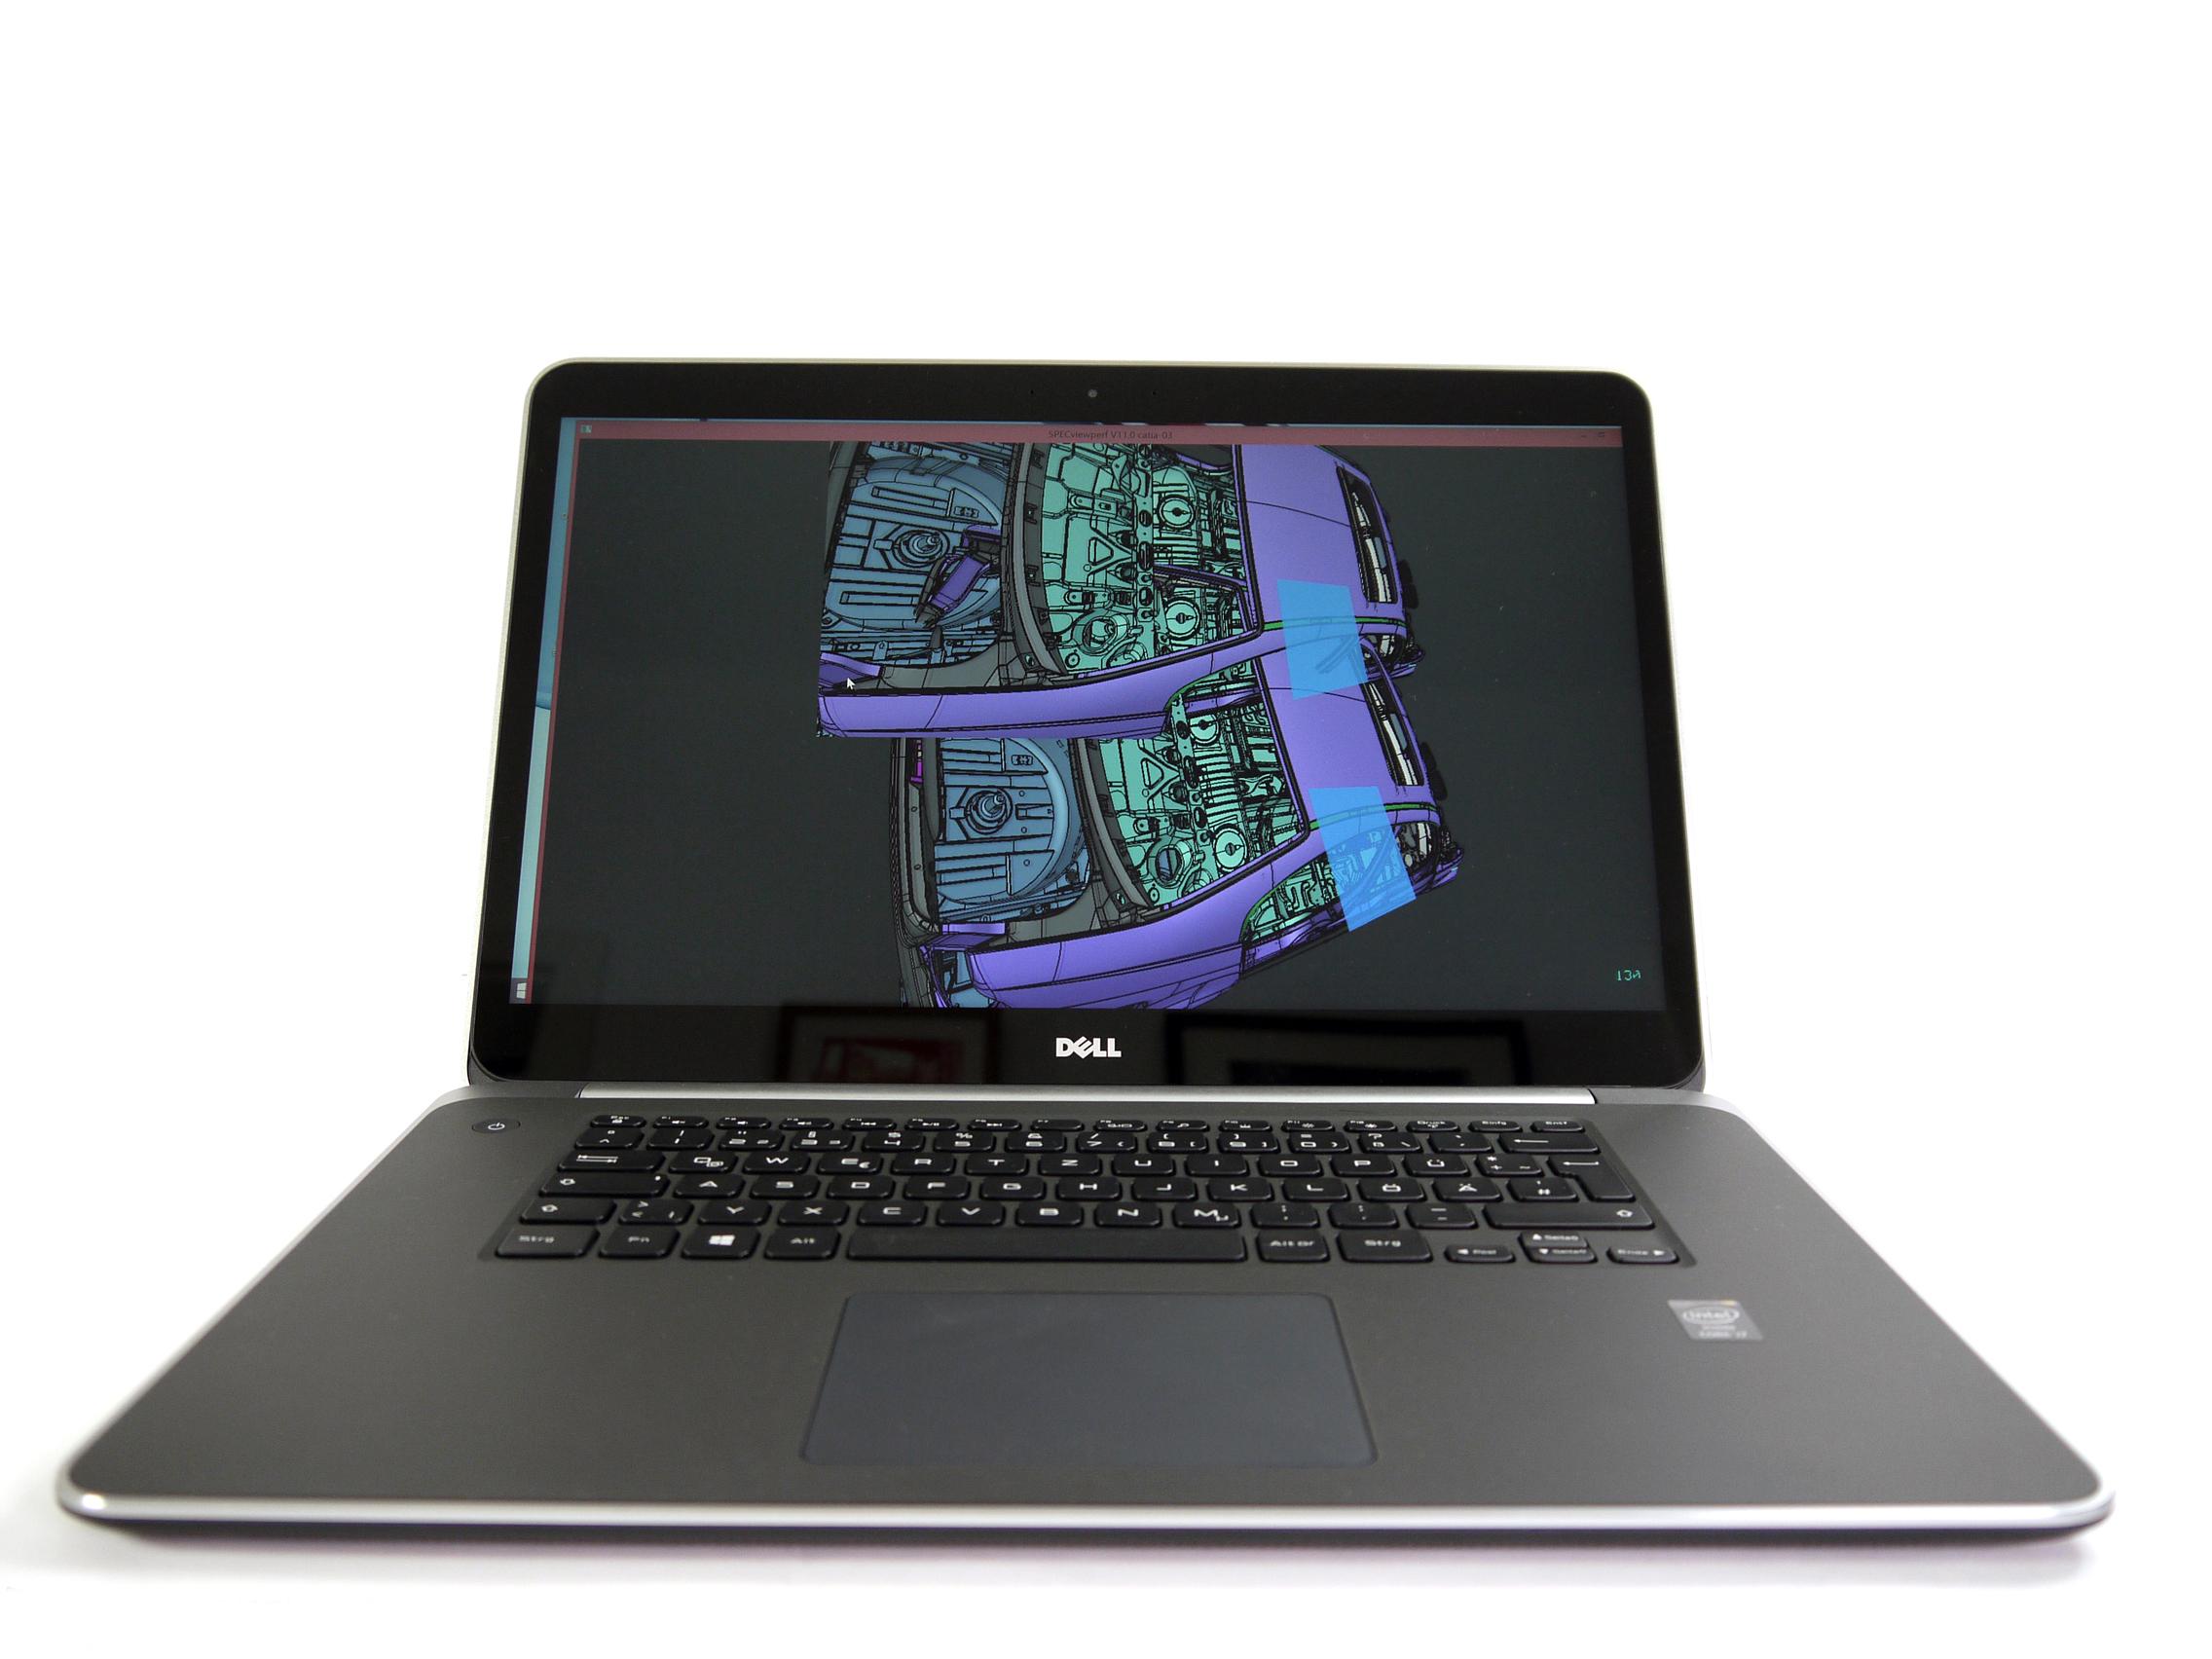 Dell Precision 370 WLAN Windows 8 X64